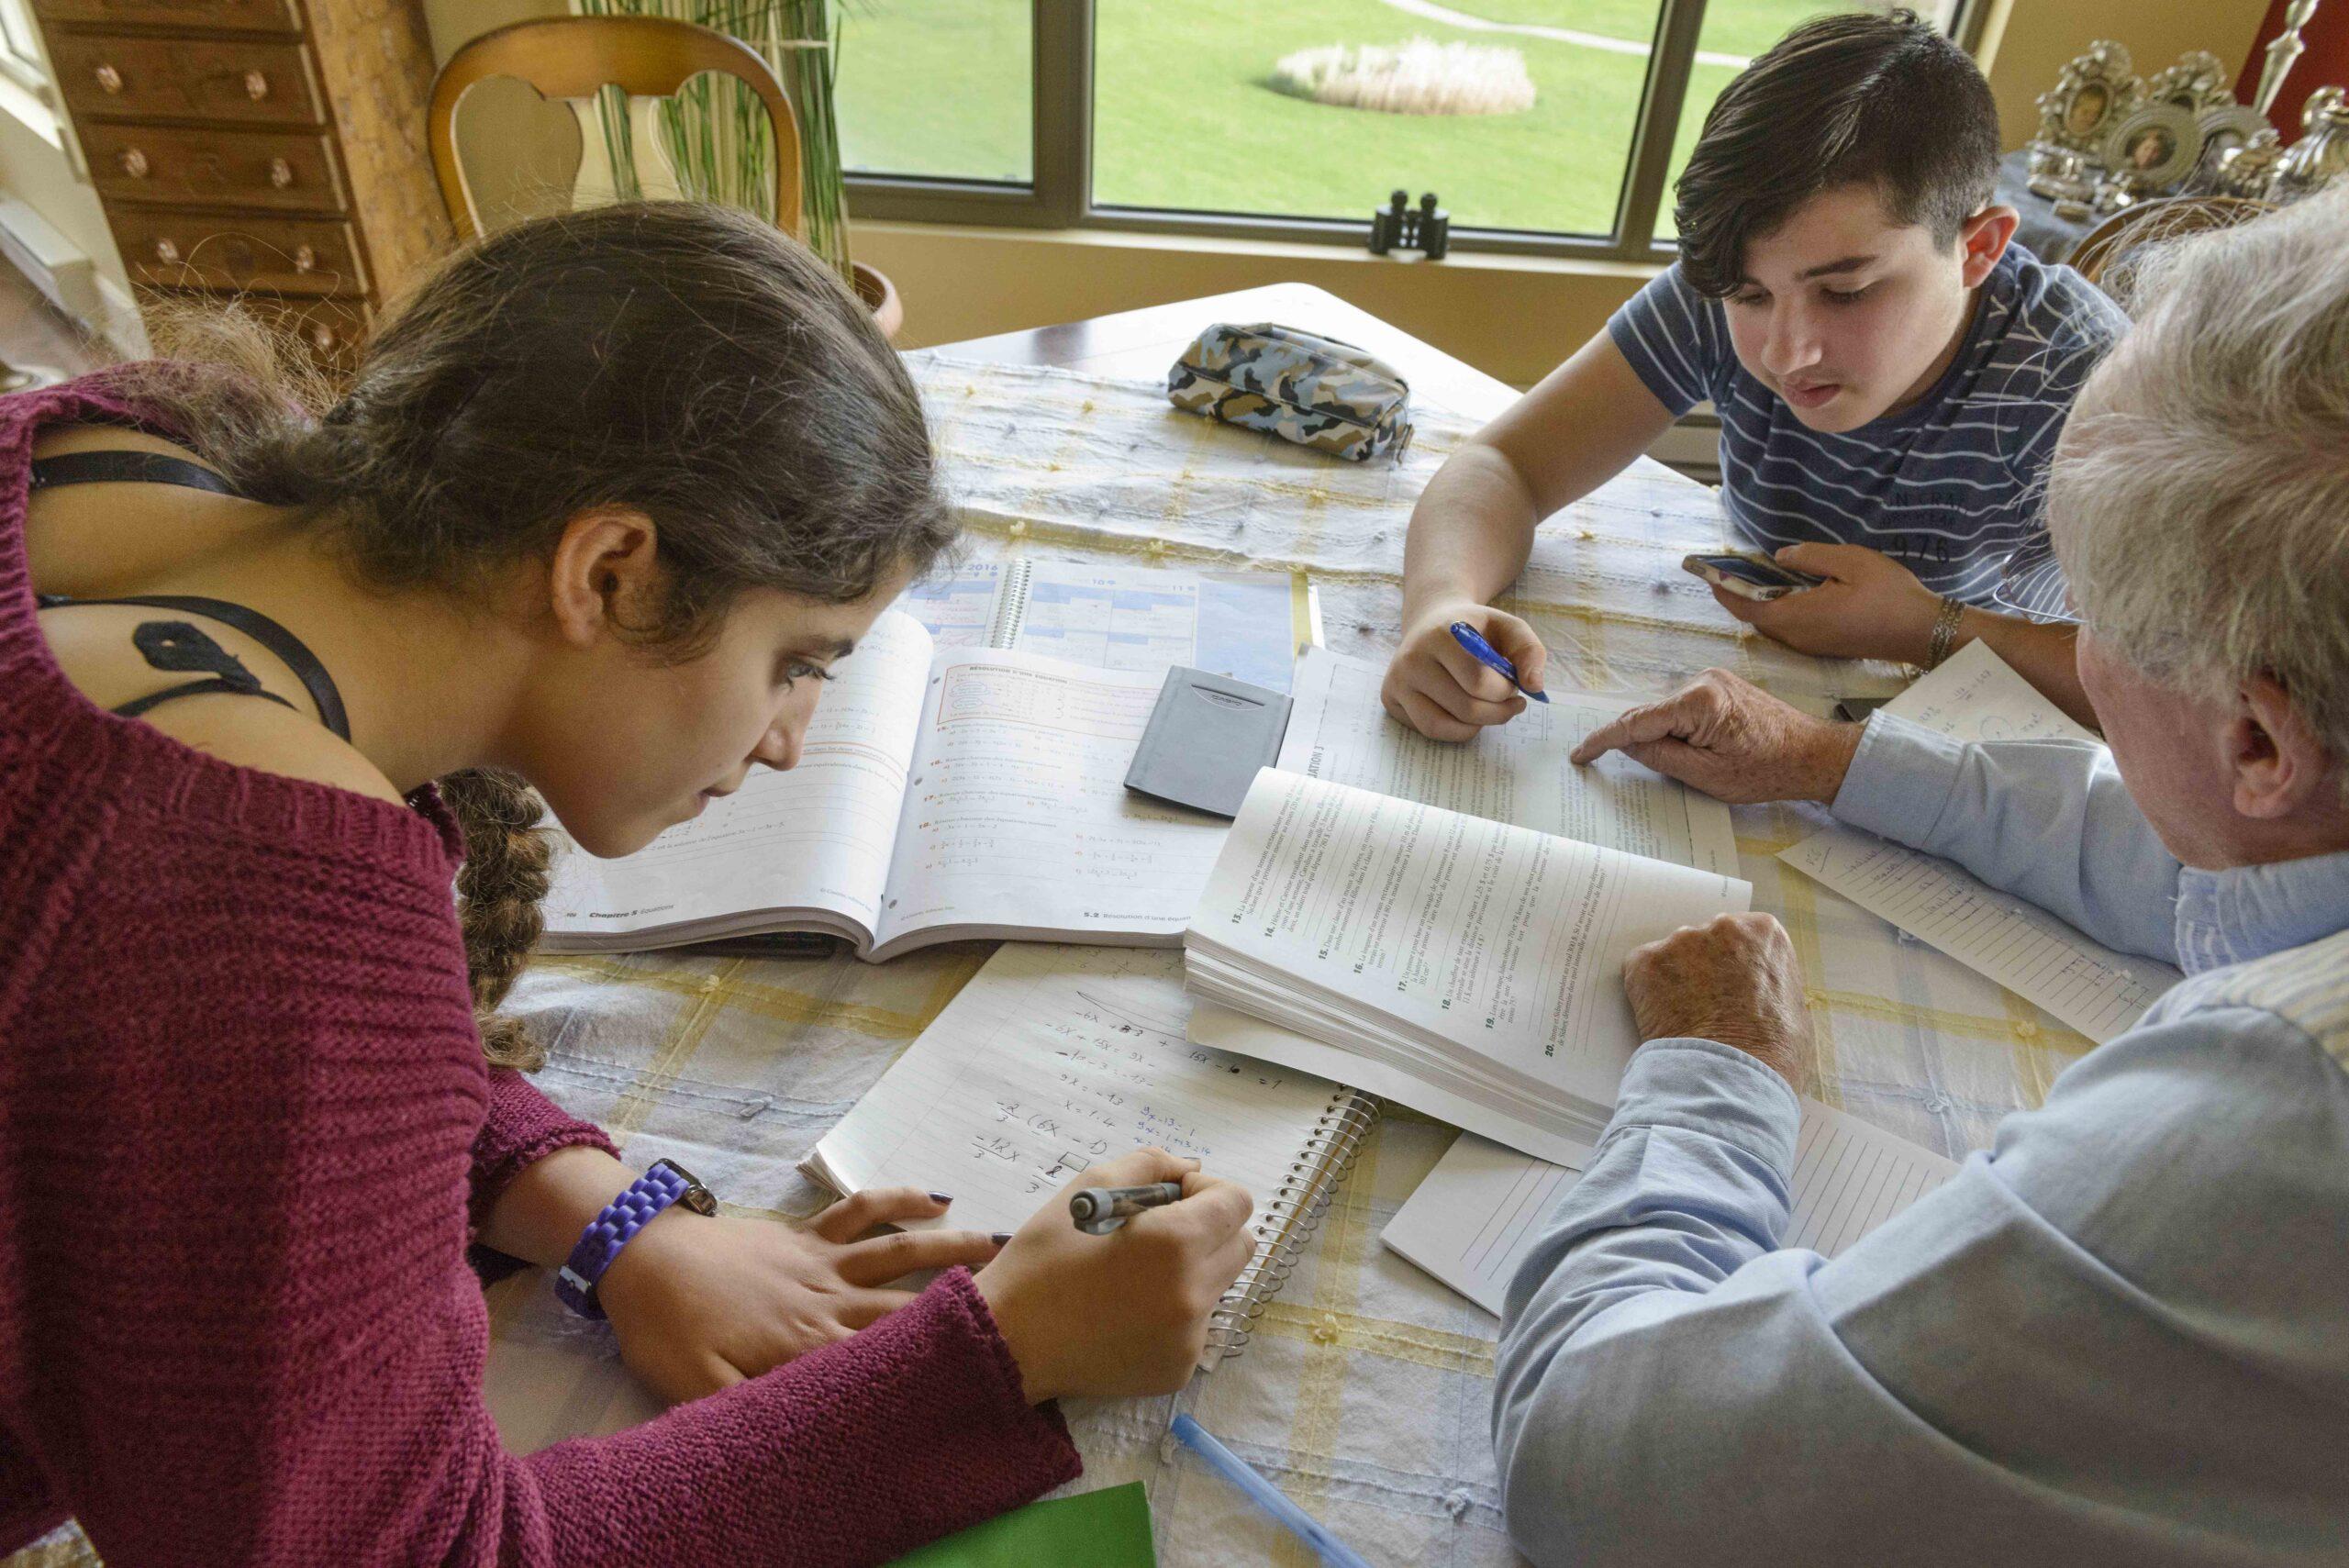 5-Benevole-de-lIle-des-Soeurs-donnant-des-cours-particuliers-a-des-adolescents-refugies-syriens